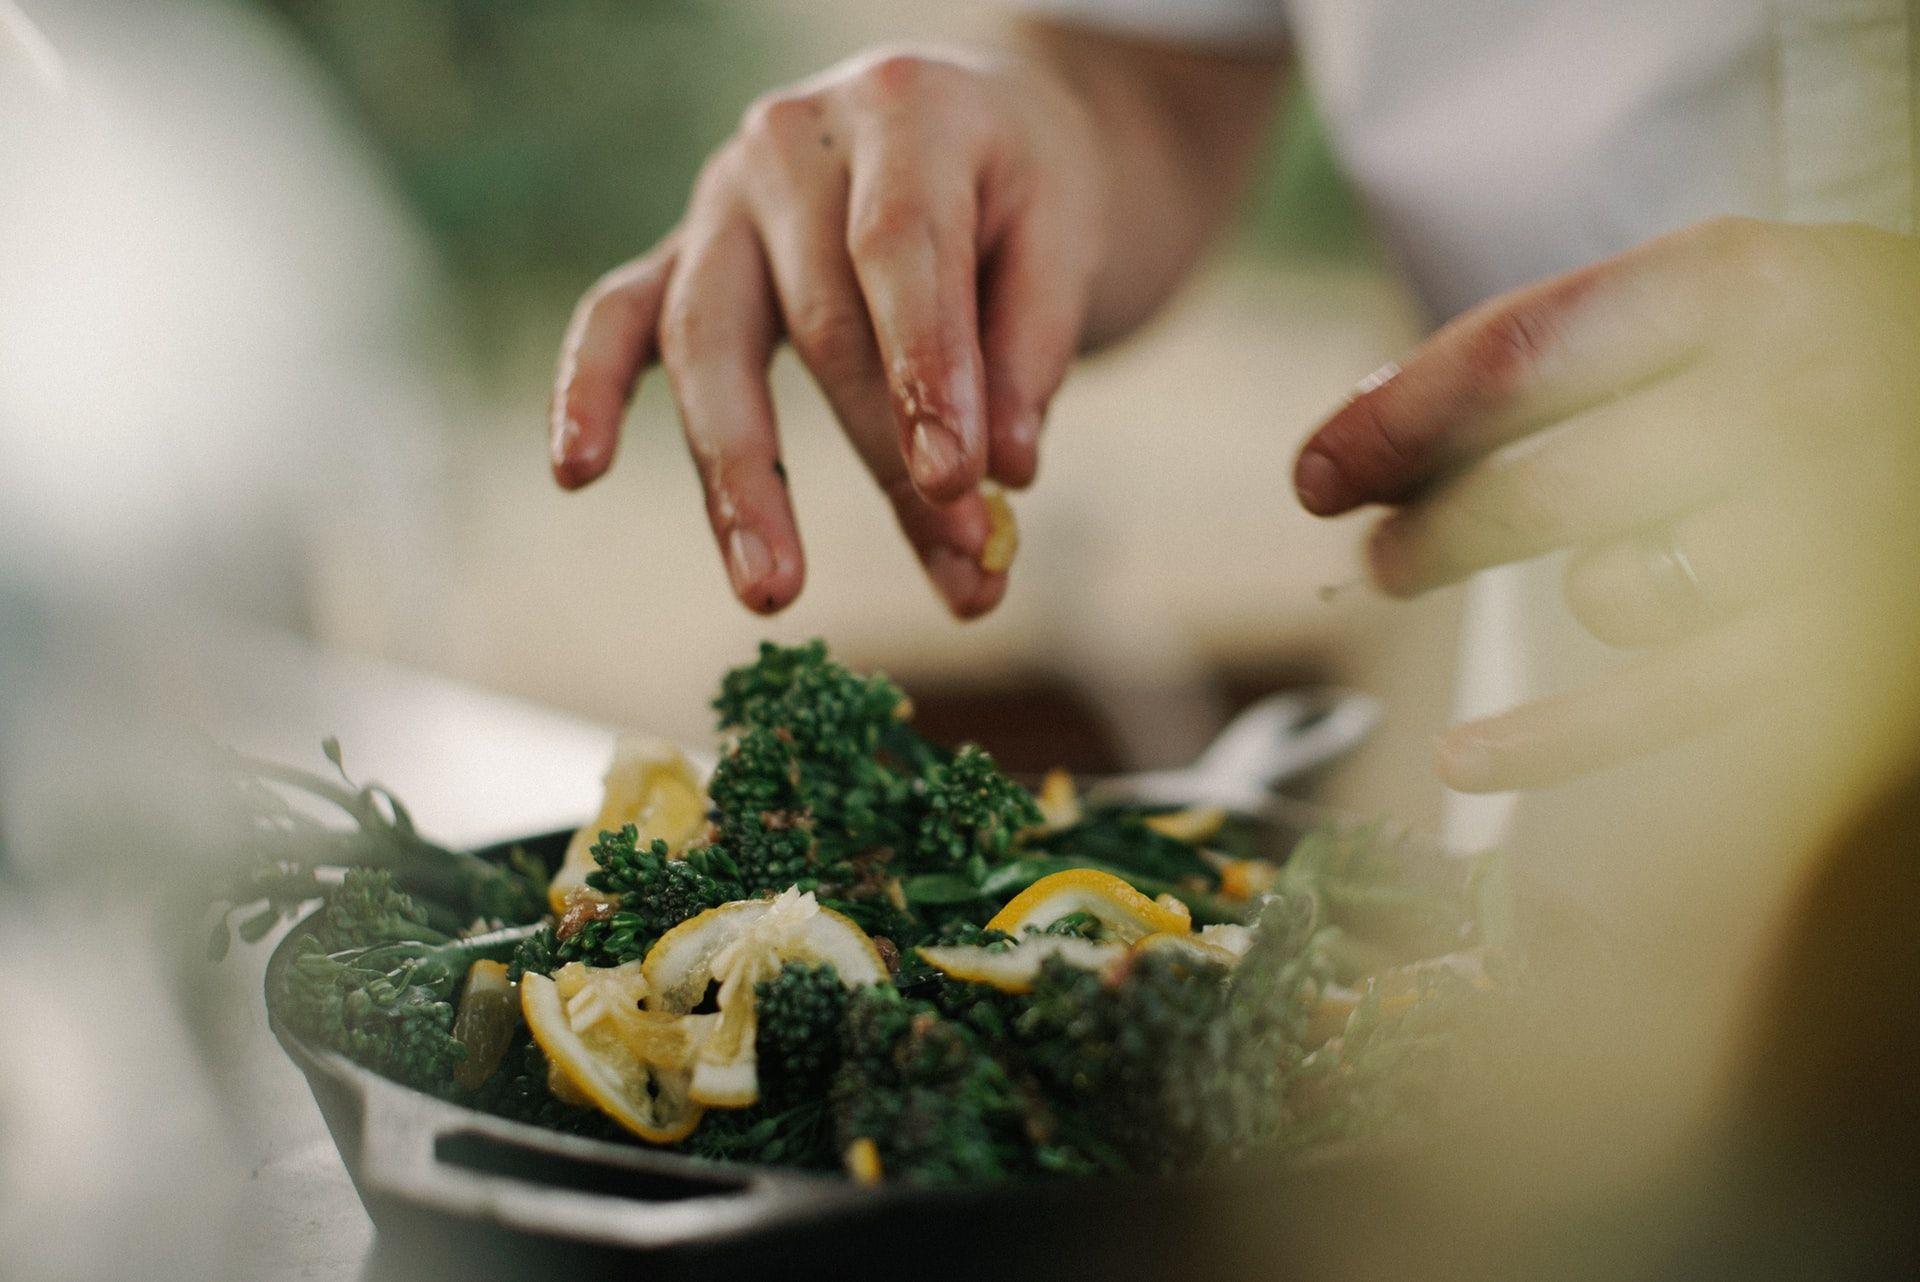 Gerakan Sosial COVID-19 Melalui Live Cooking Yummy #MasakdiRumahAja